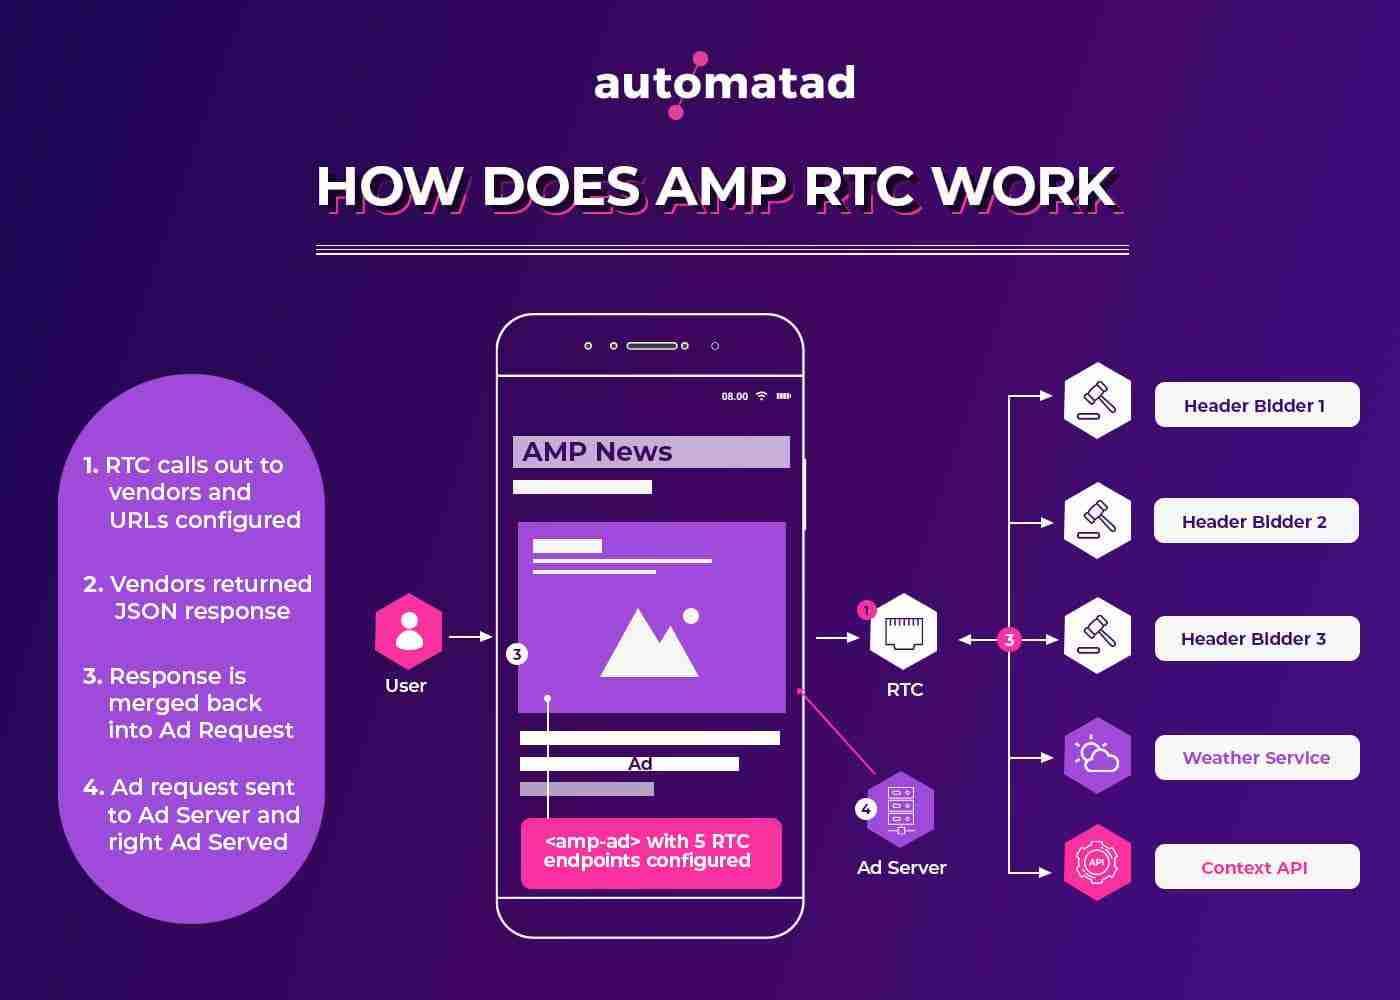 AMP-RTC